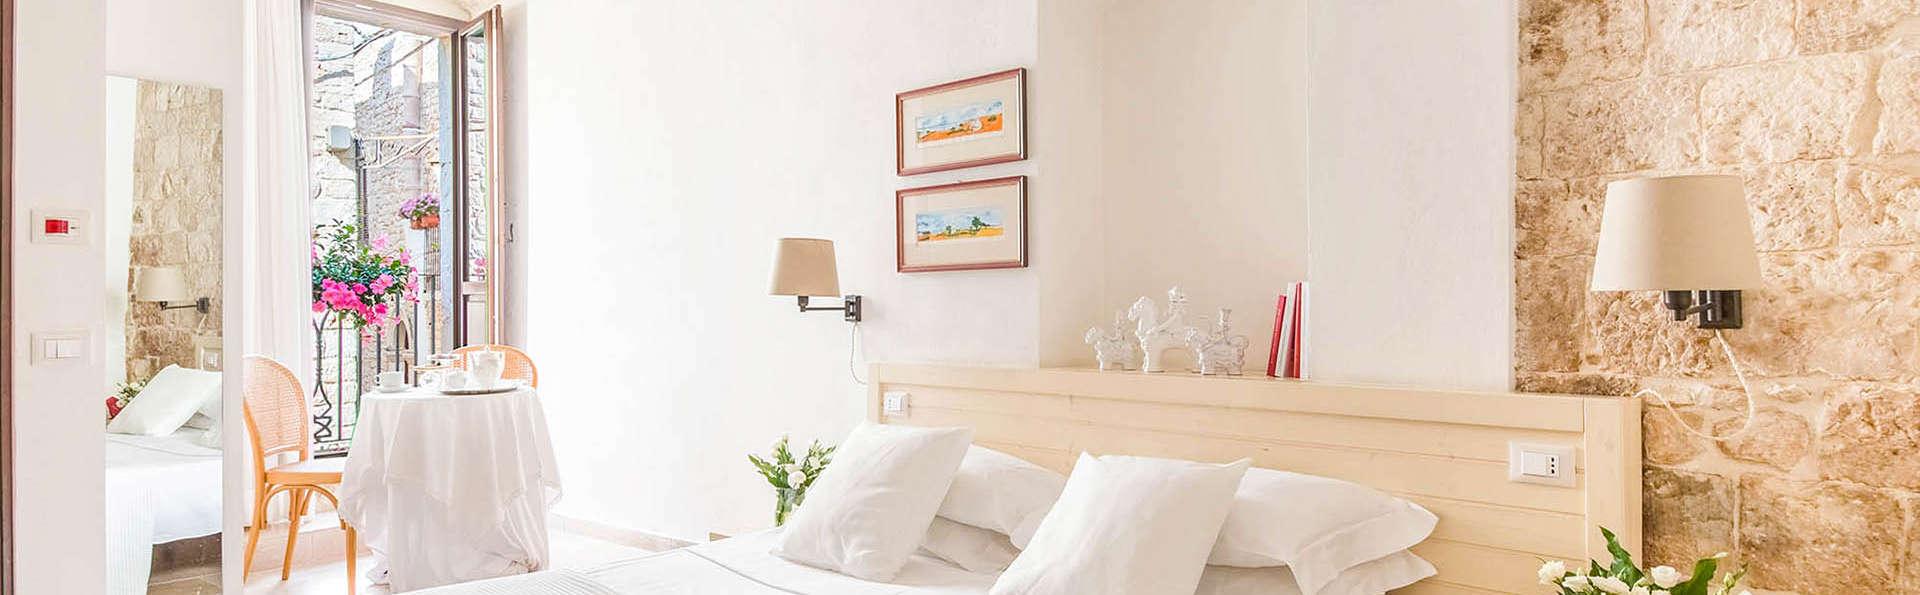 Corte Altavilla - EDIT_ROOM_03.jpg